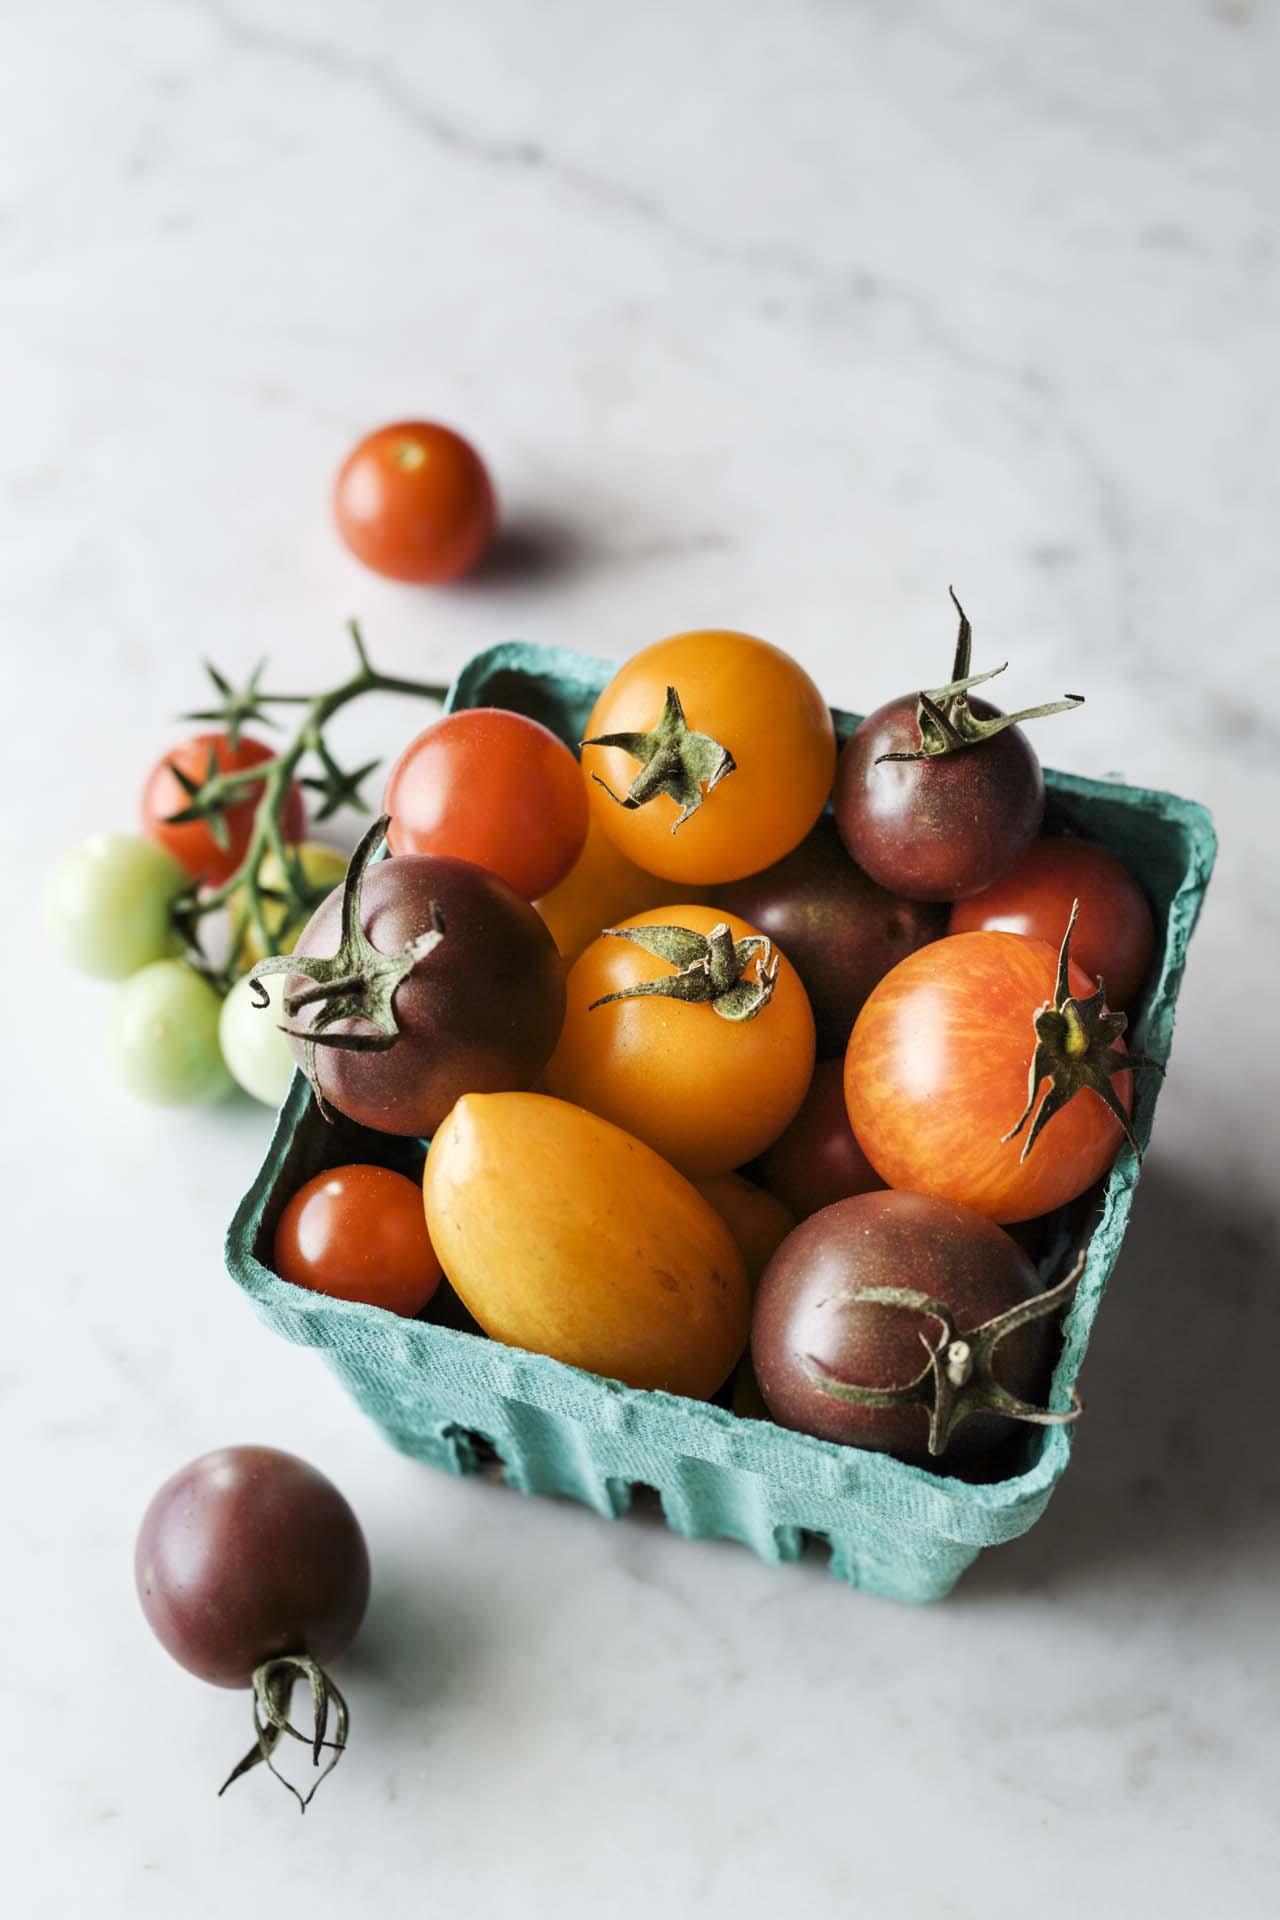 REP_Tomatoes_02.jpg